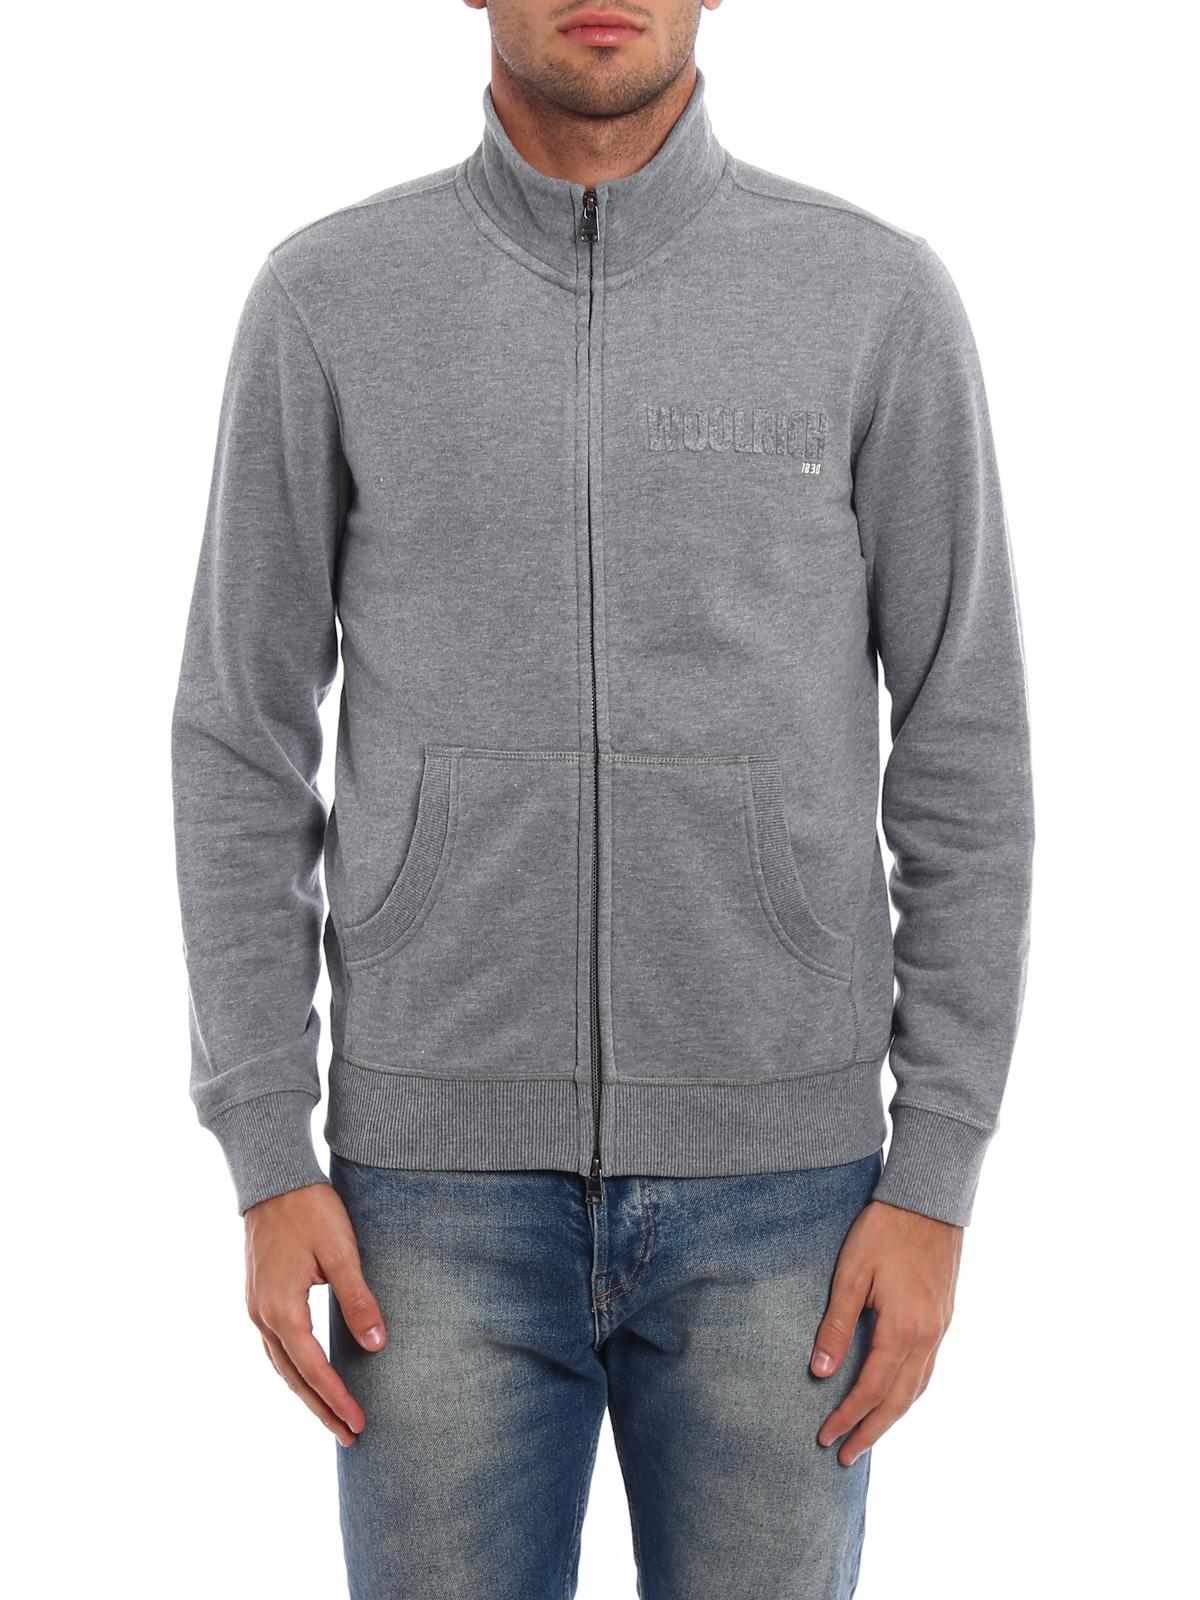 Full zip cotton sweatshirt by Woolrich - Sweatshirts & Sweaters ...